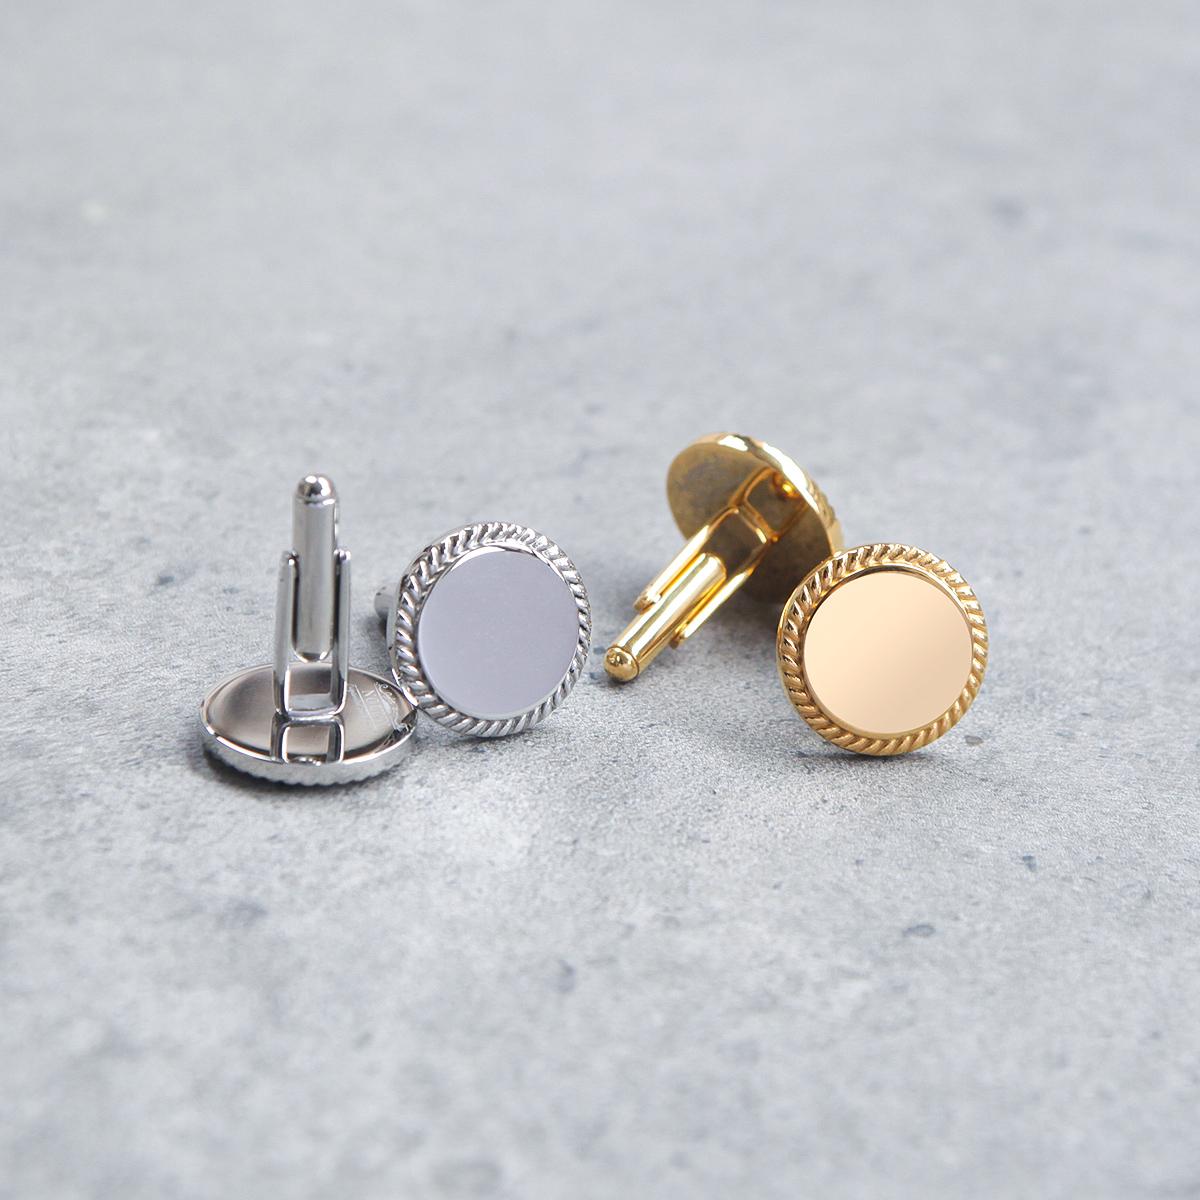 NHO2定制- Cufflinks & 不锈钢镜面袖扣